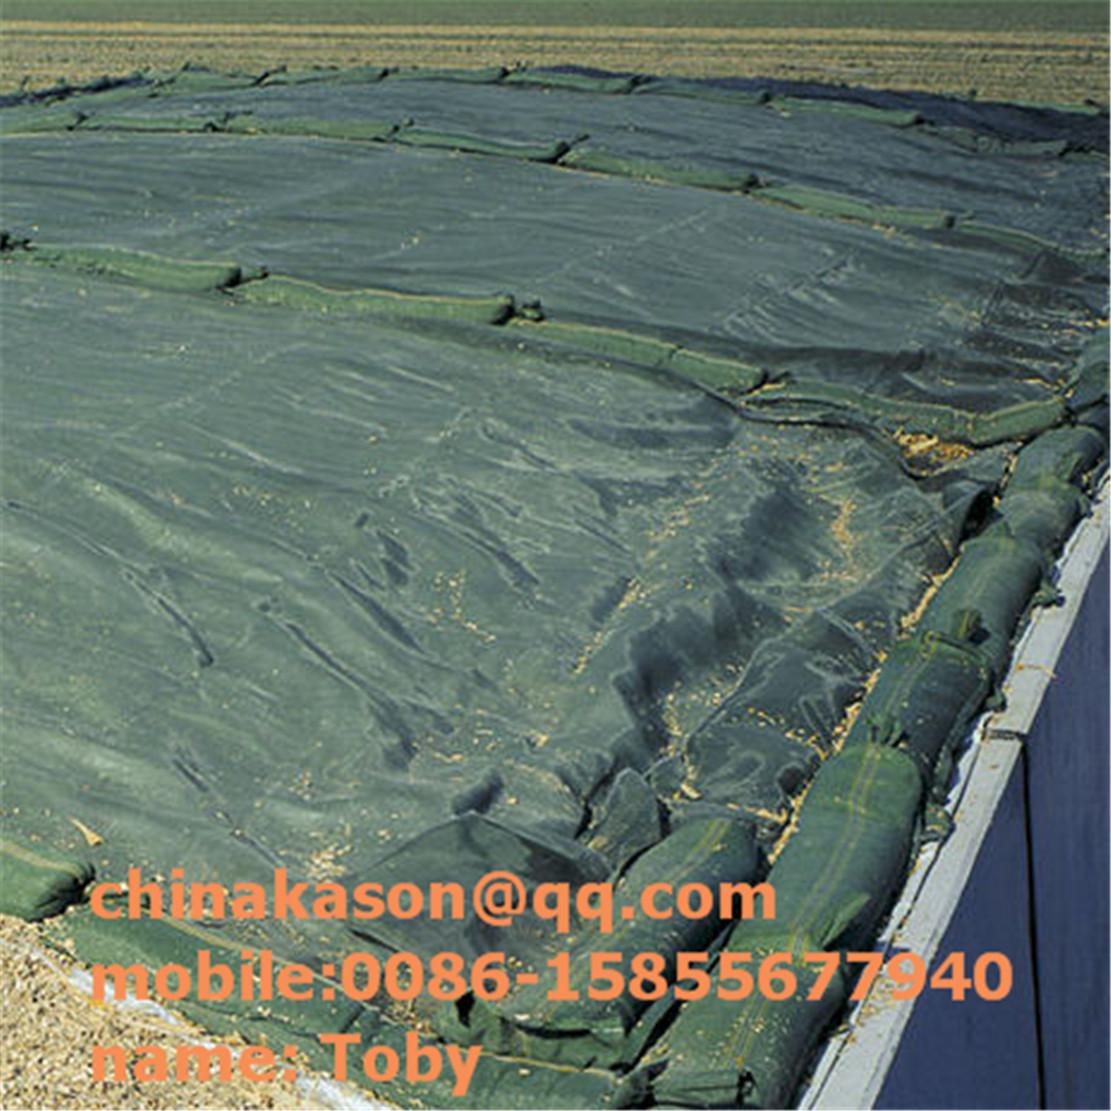 Starke Silage gewebtes Geflecht Monofilament, Silage Schutznetz 200-300 g / m2